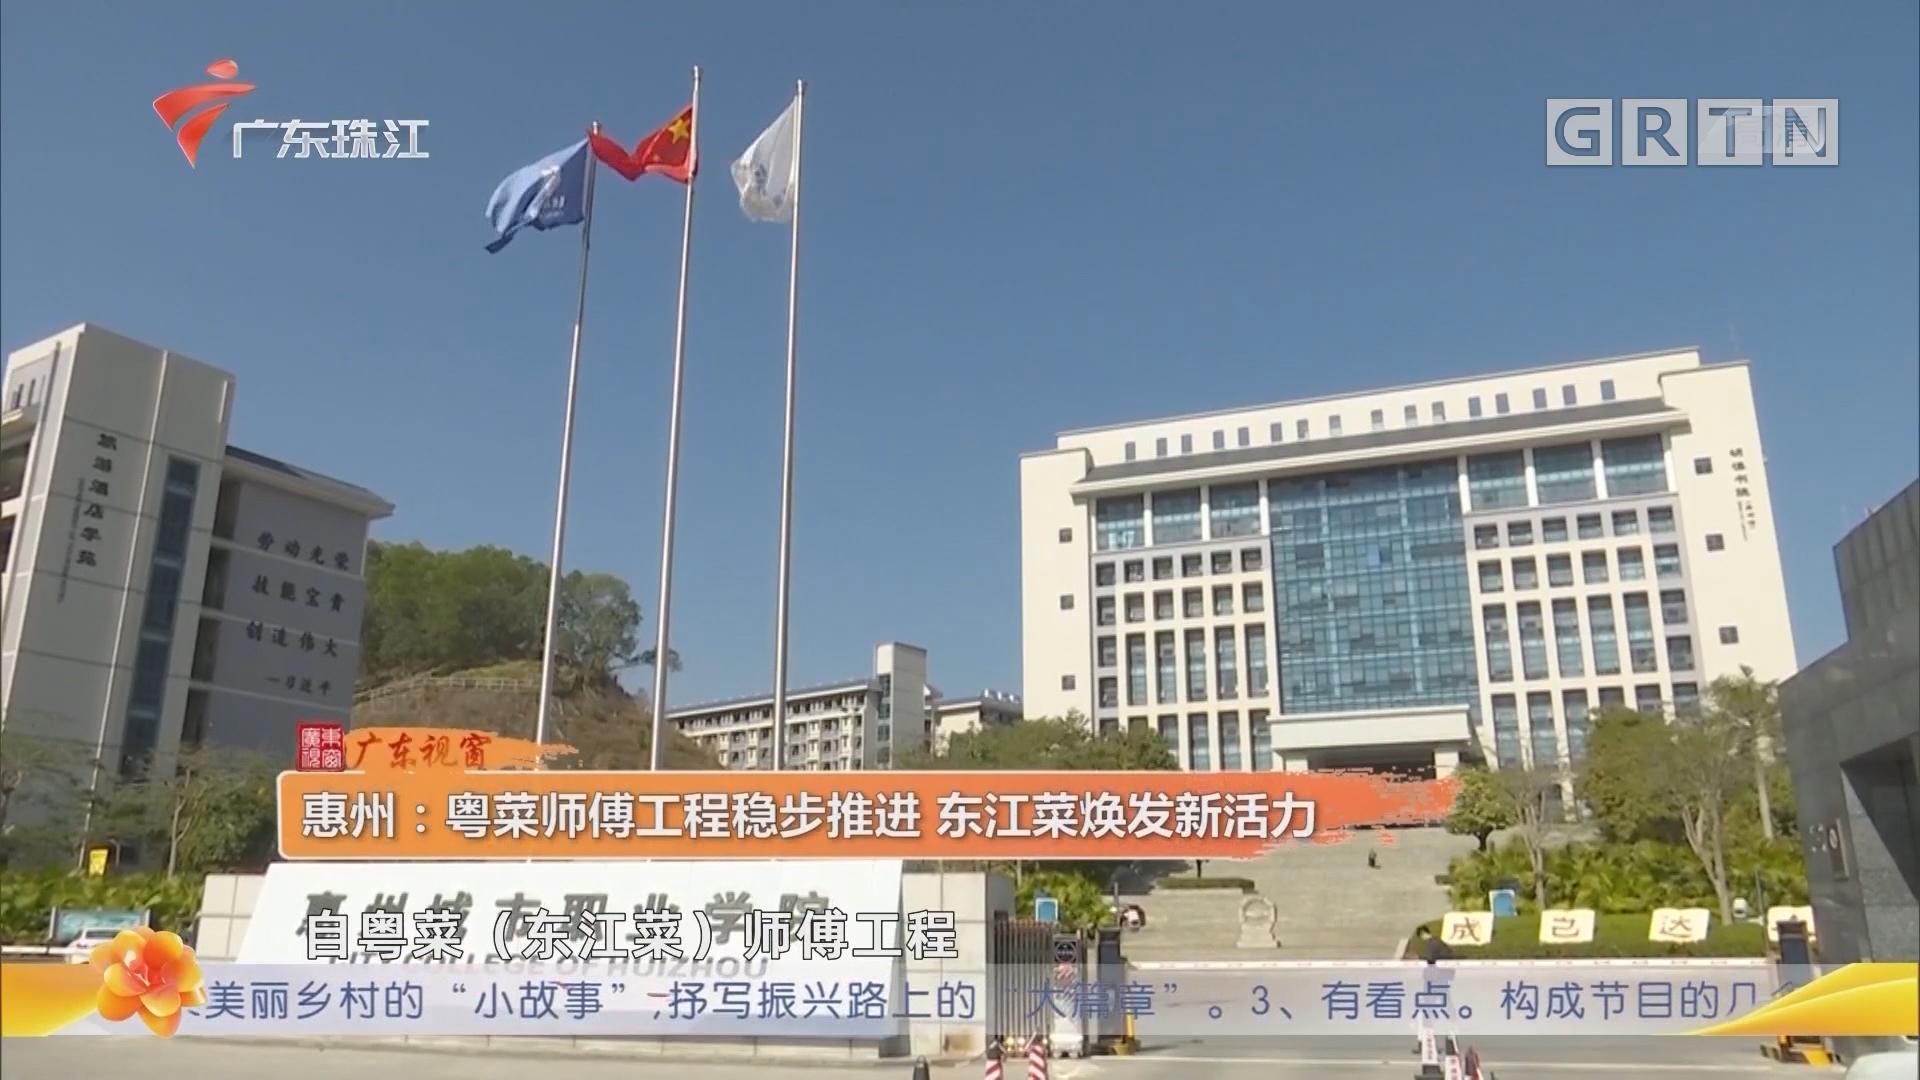 惠州:粤菜师傅工程稳步推进 东江菜焕发新活力